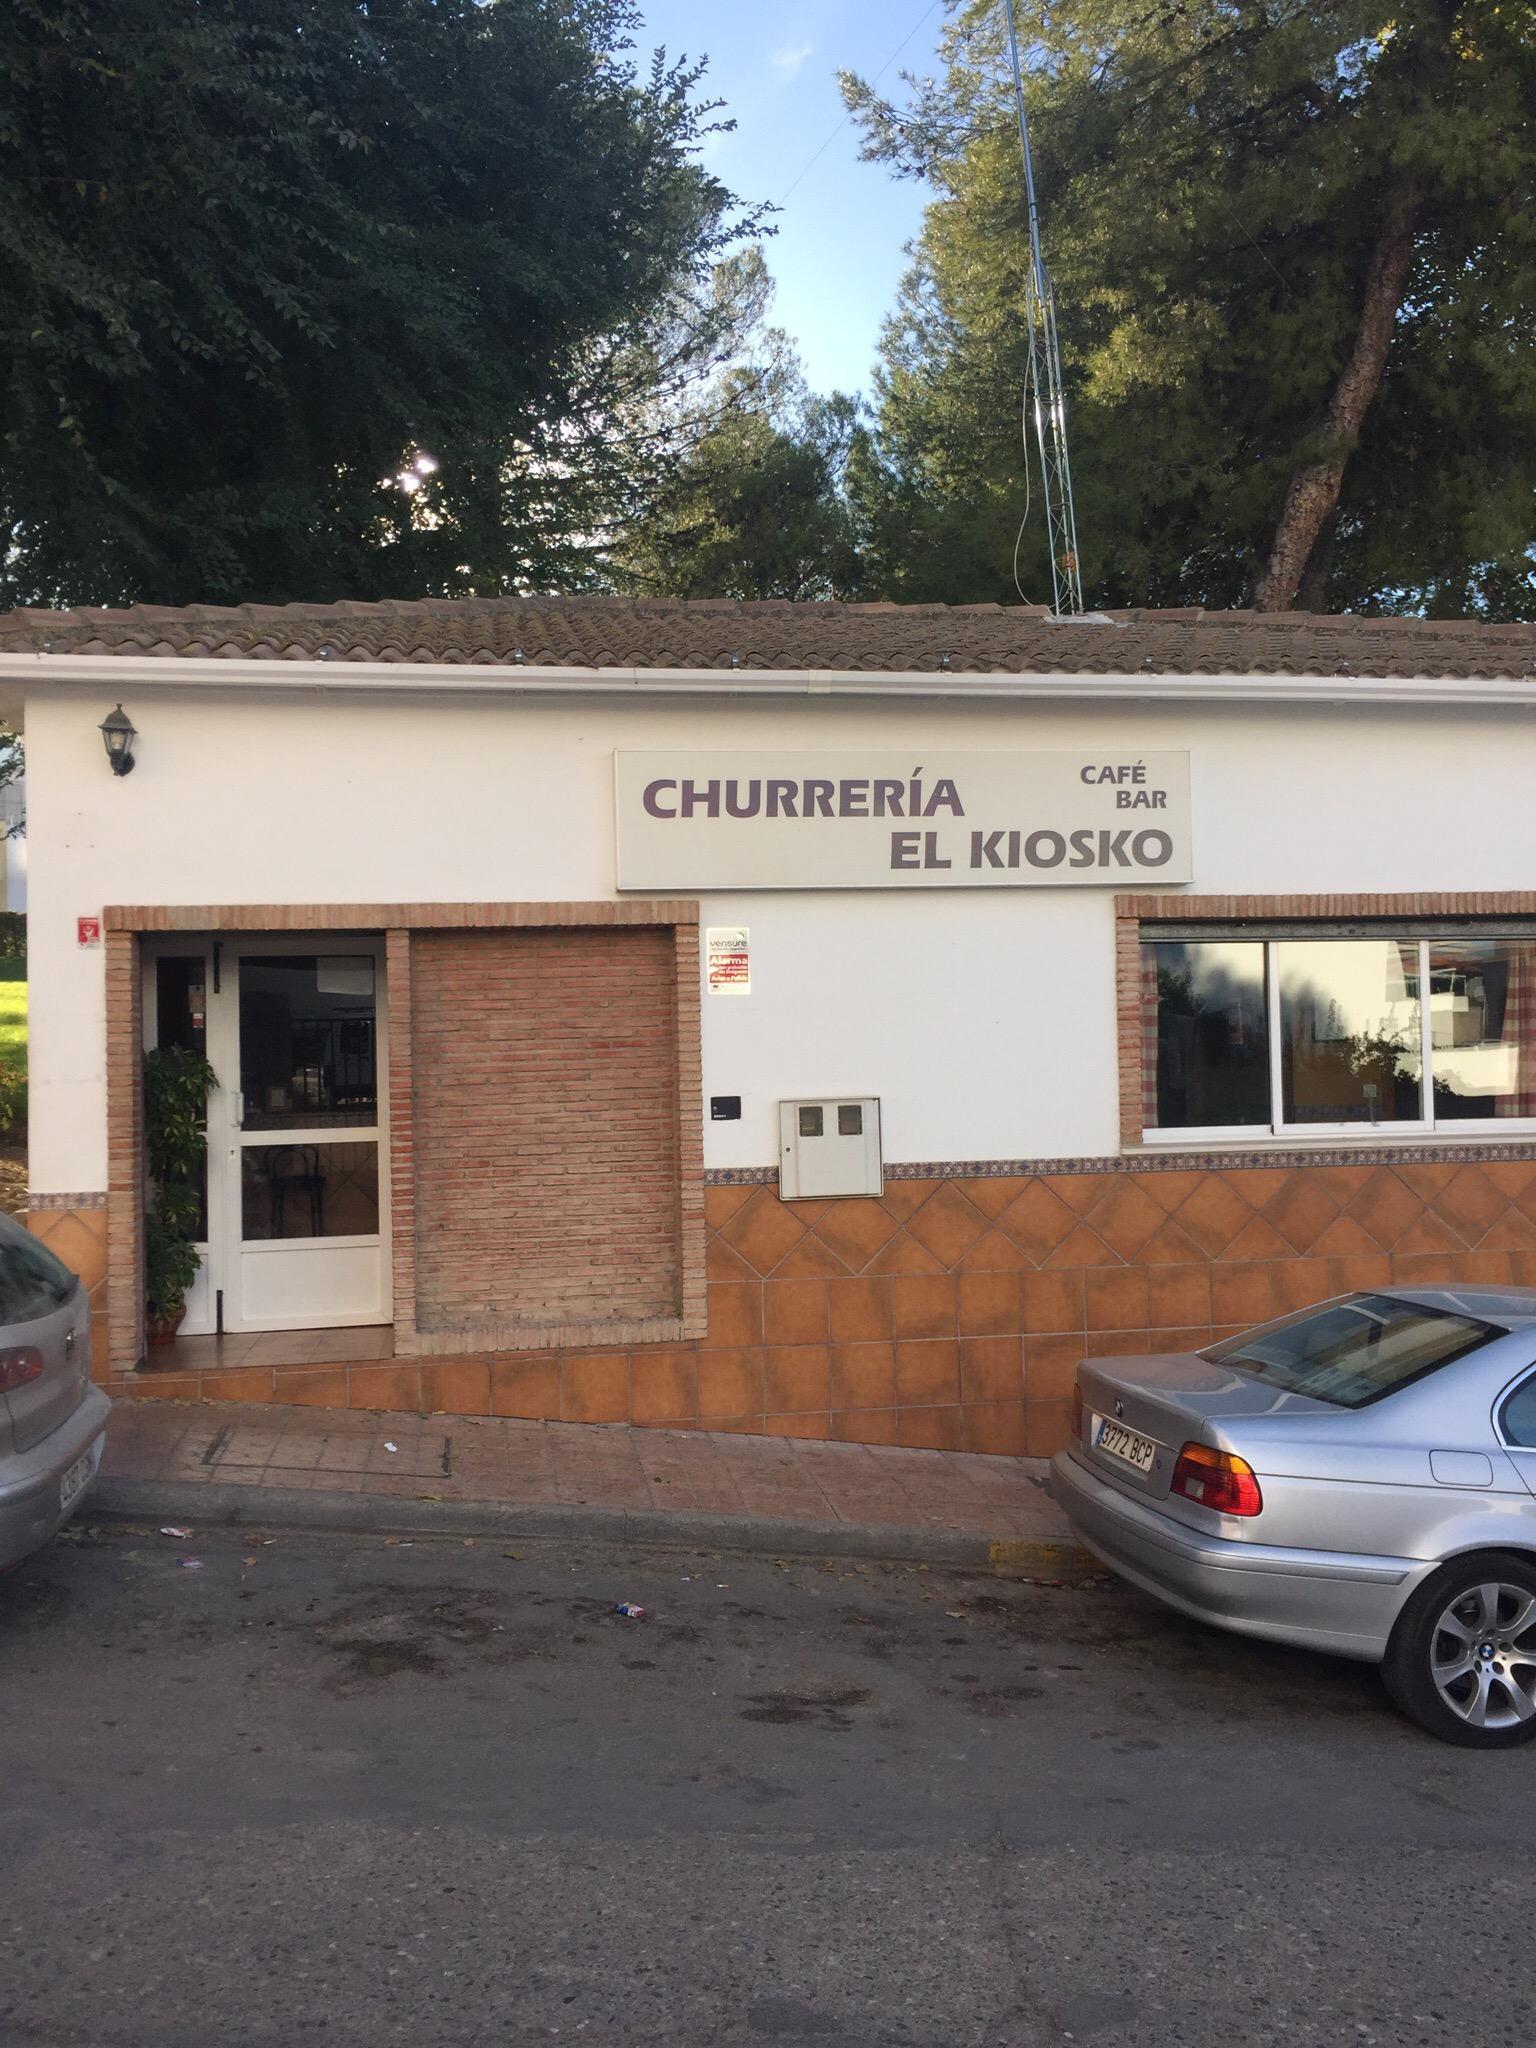 Churreria El Kiosco